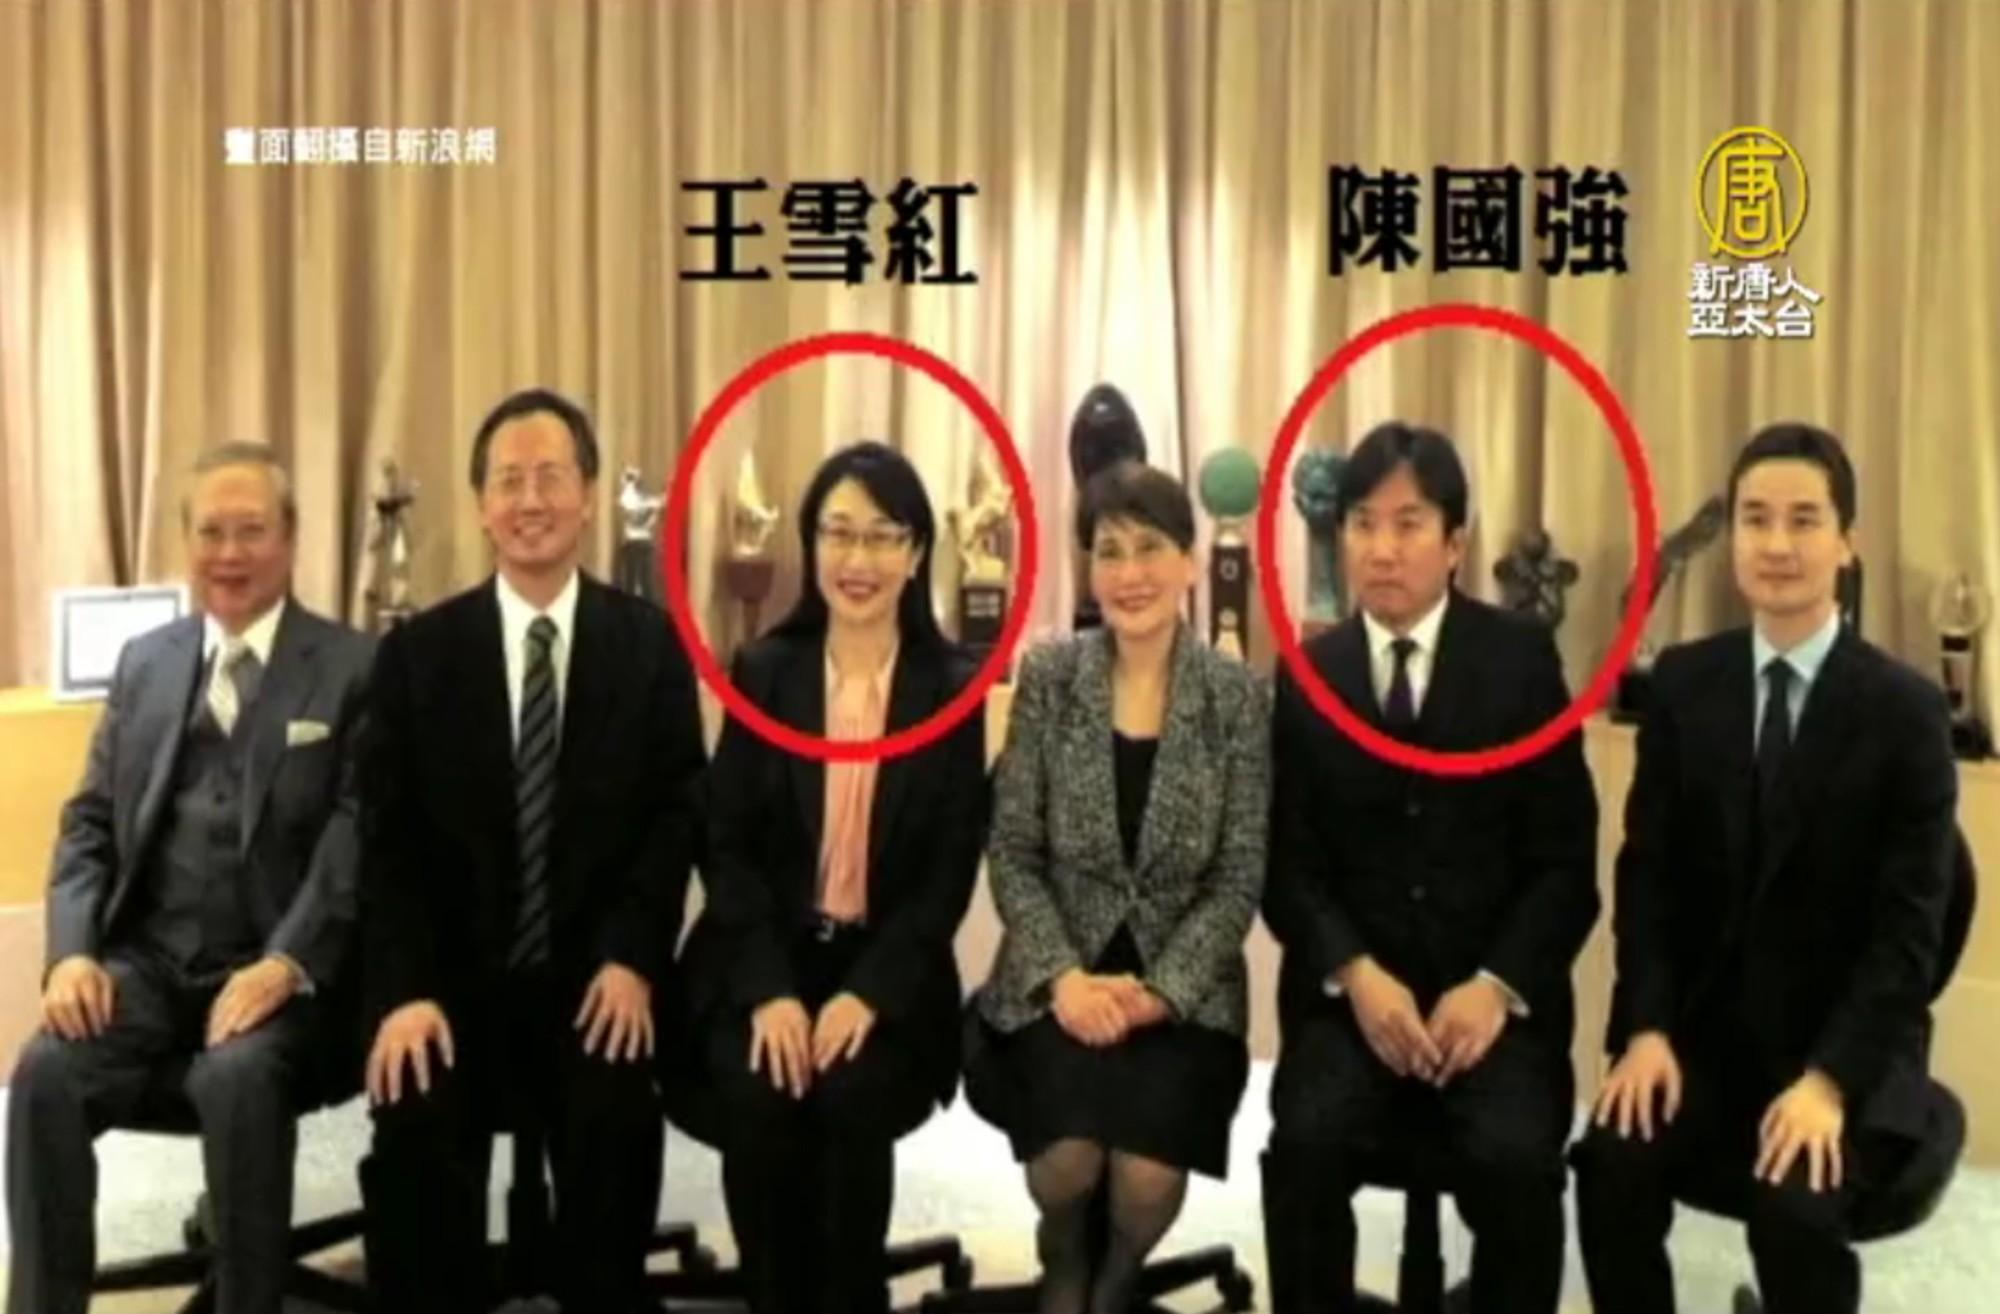 港TVB裁員一成 台商和董事局主席疑退出